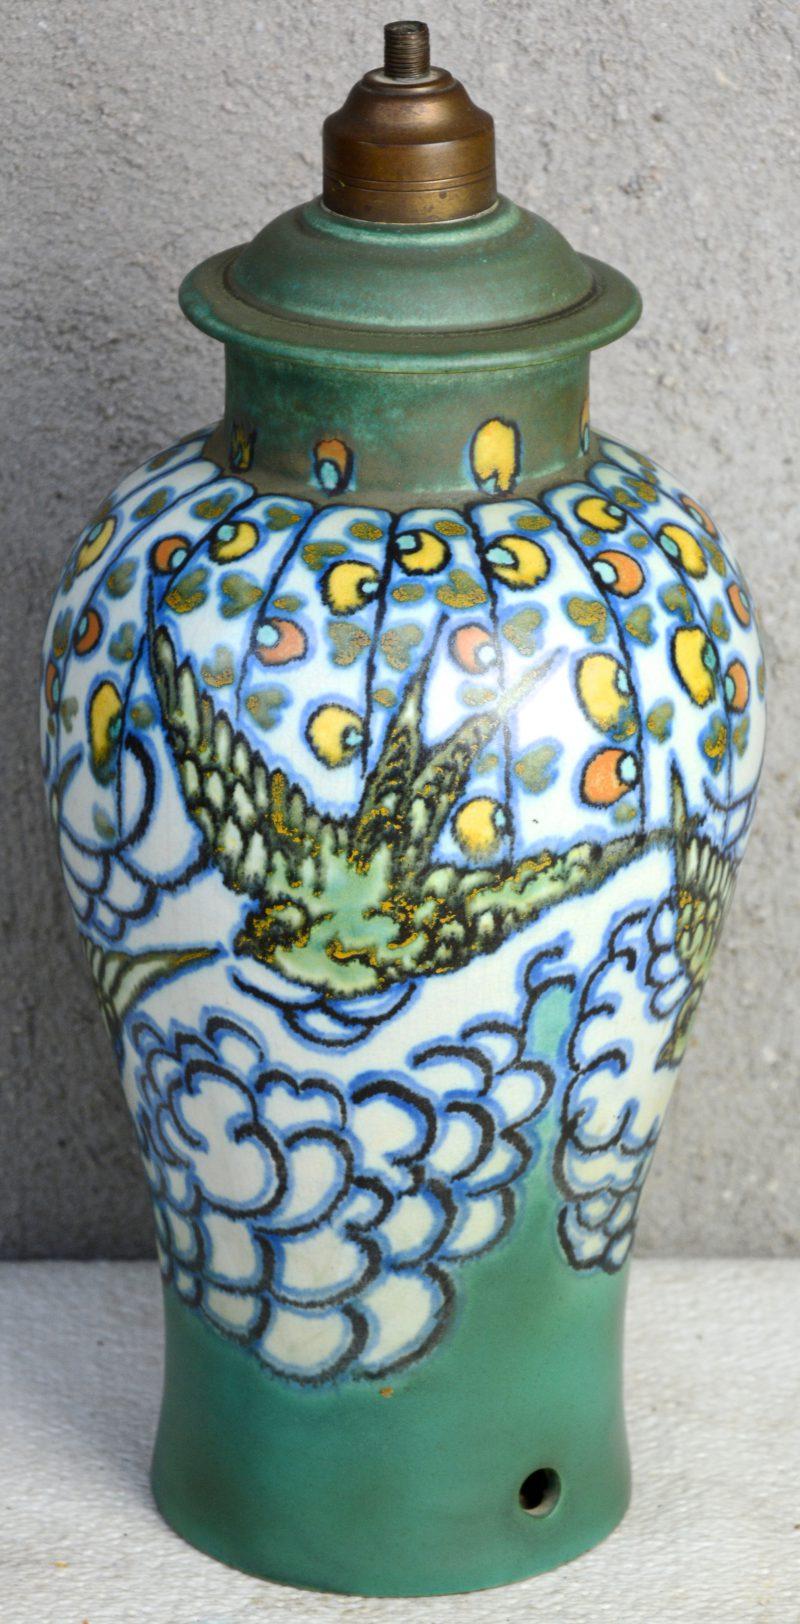 Een vaasvormige lampvoet van mat plateel met een meerkleurig decor van zwaluwen. Decorateursmonogram 'AdK' Onderaan gemerkt. 1920. Gaaf.